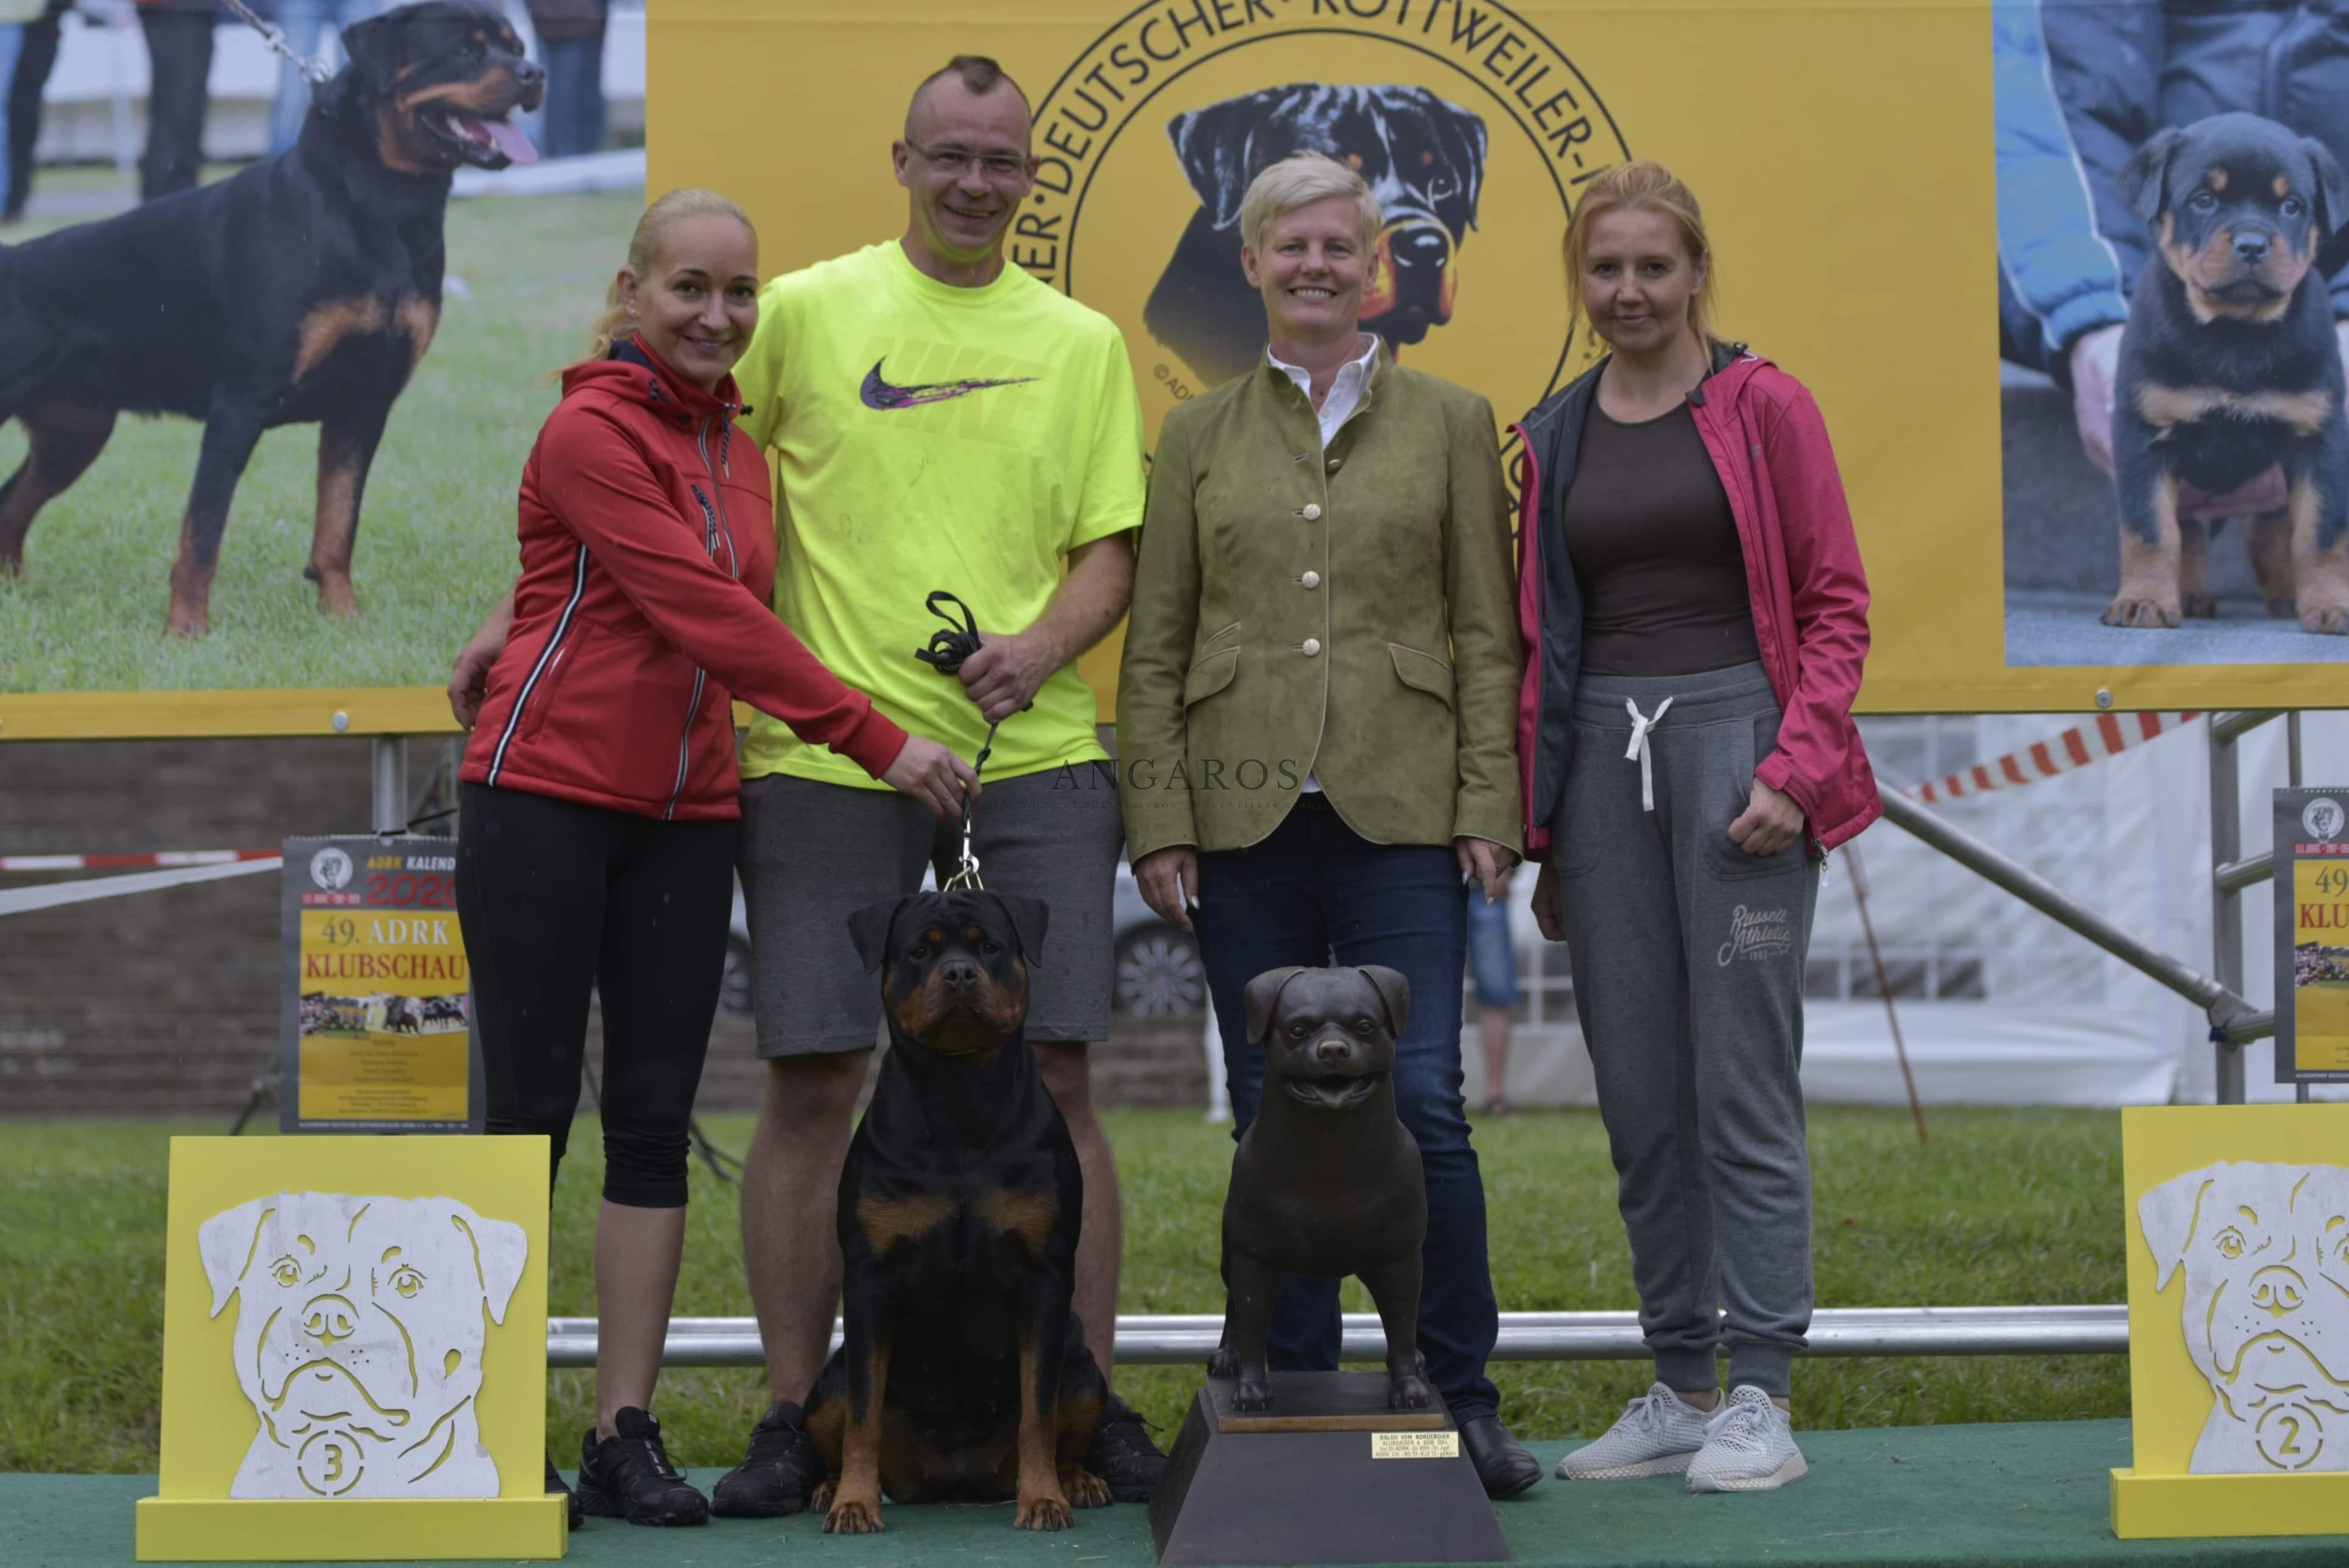 Rewelacyjny wynik GINY Angaros na Najważniejszej Wystawie Rottweilerów na Świecie ! Klubowa Wystawa Rottweilerów ADRK w Niemczech Buckenburg 2019 ! | Rottweiler - Hodowla Rottweilerów Angaros - Rottweilers - Rottweilery